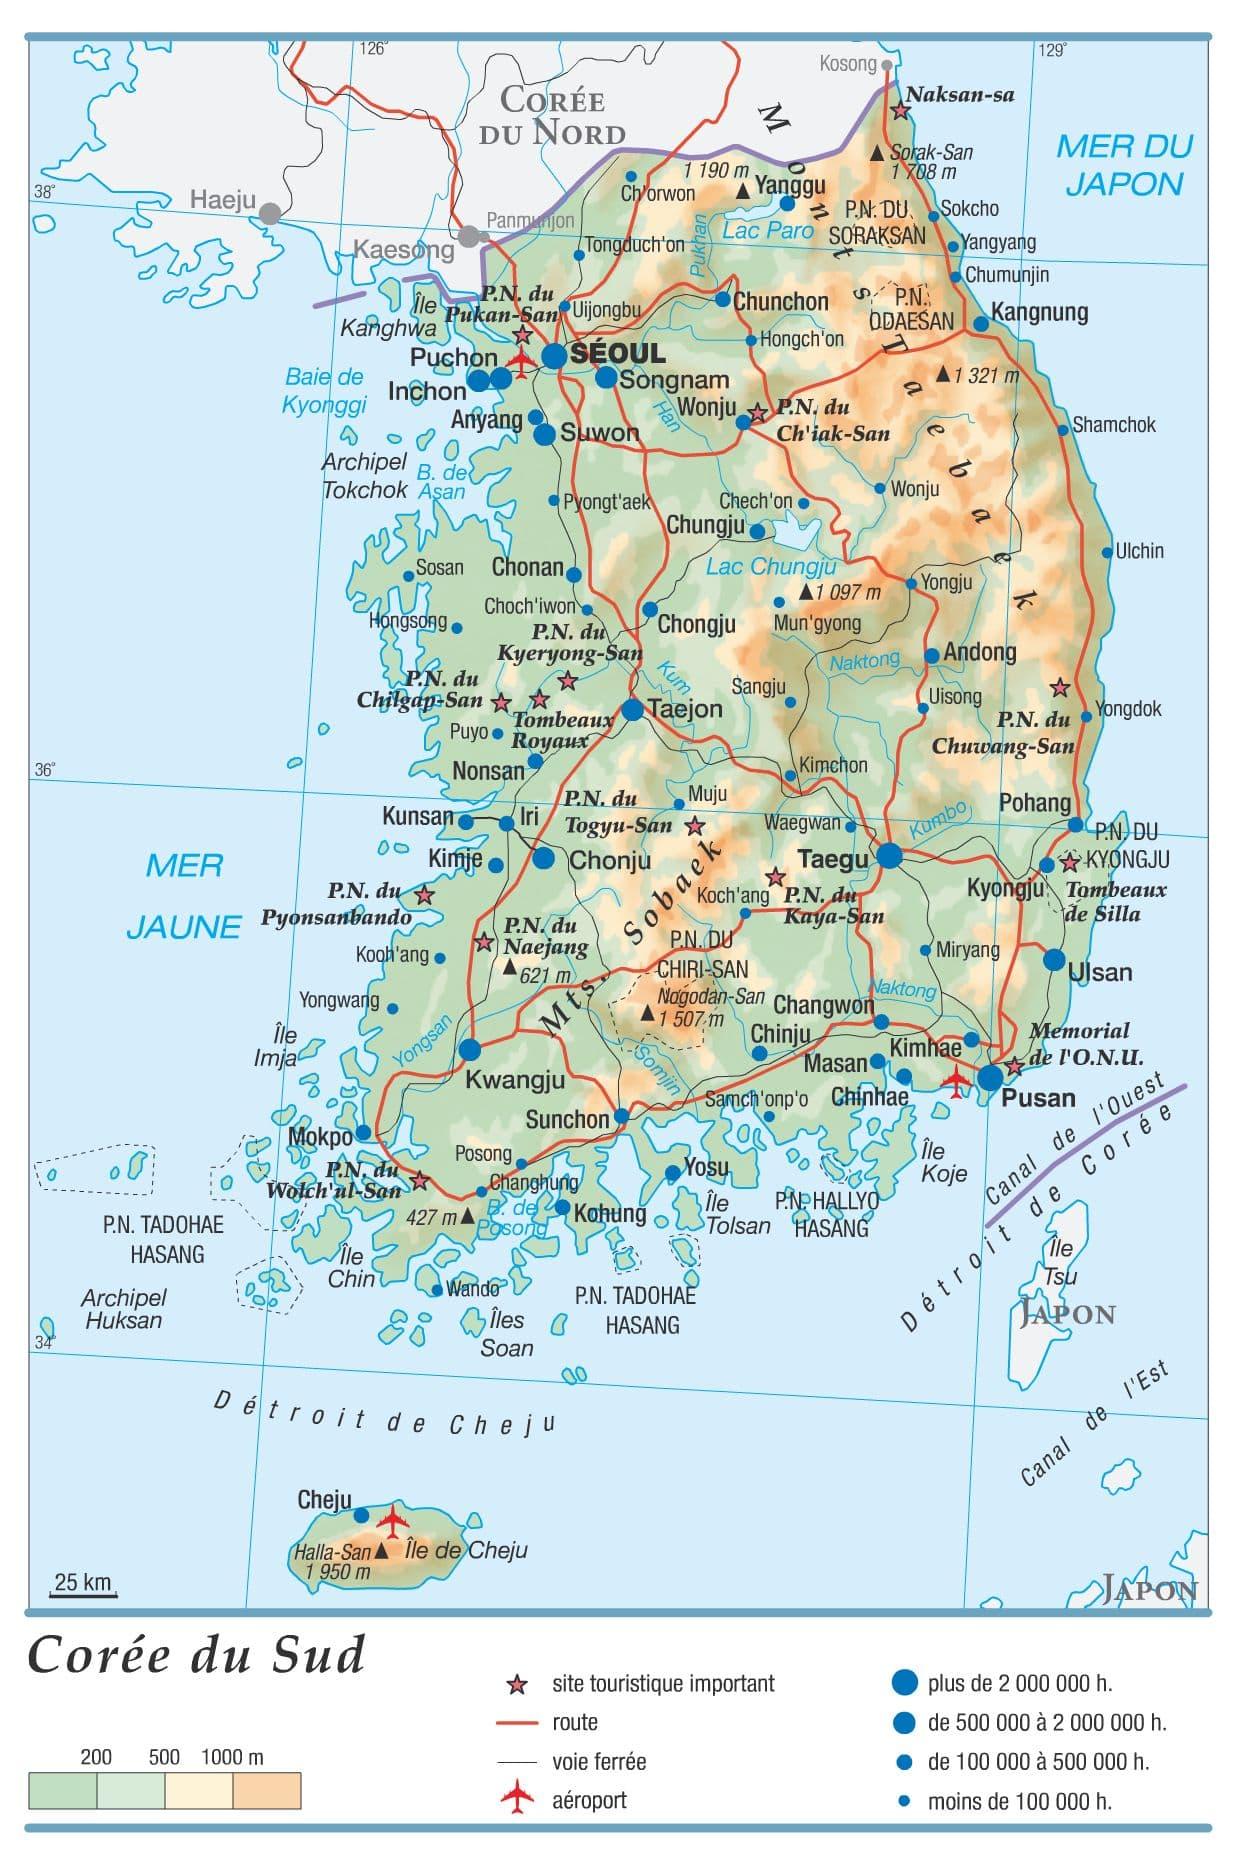 Encyclopédie Larousse en ligne   Corée du Sud